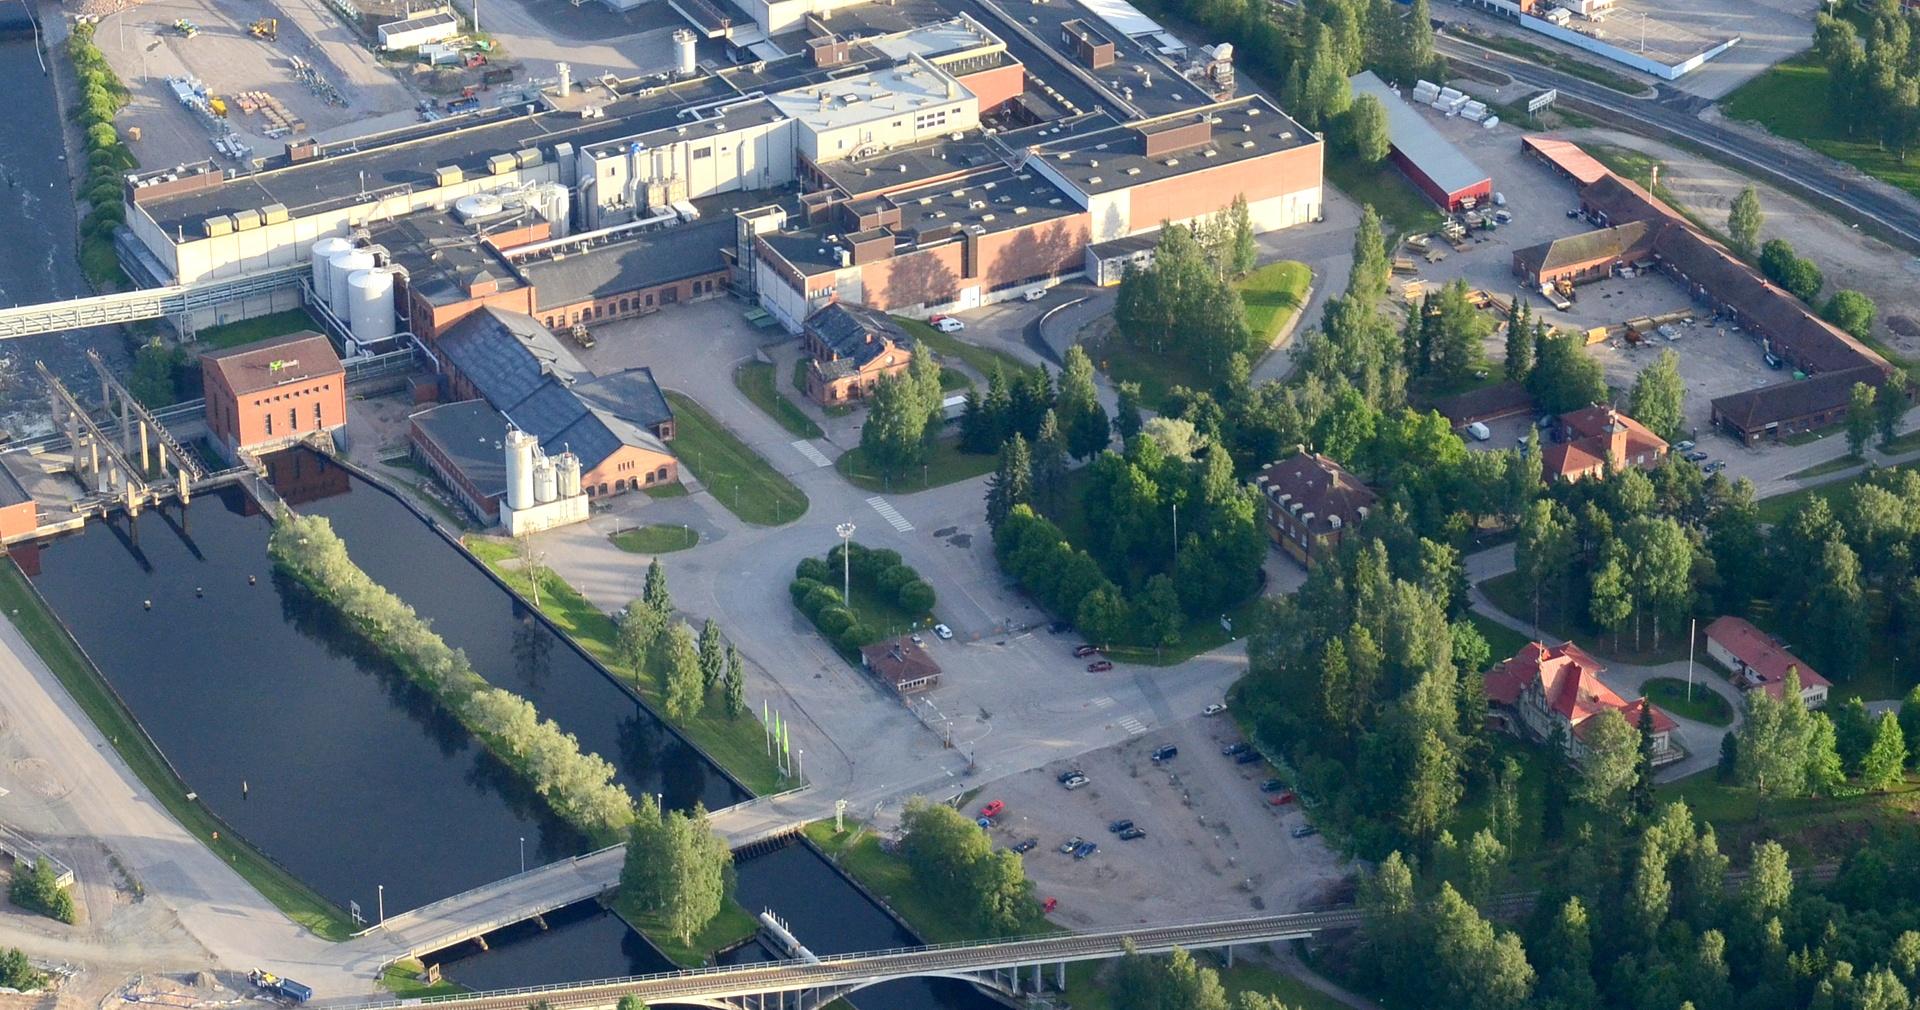 2016-06-28 Vanhat autokorjaamon rakennukset vielä pystyssä oikealla.